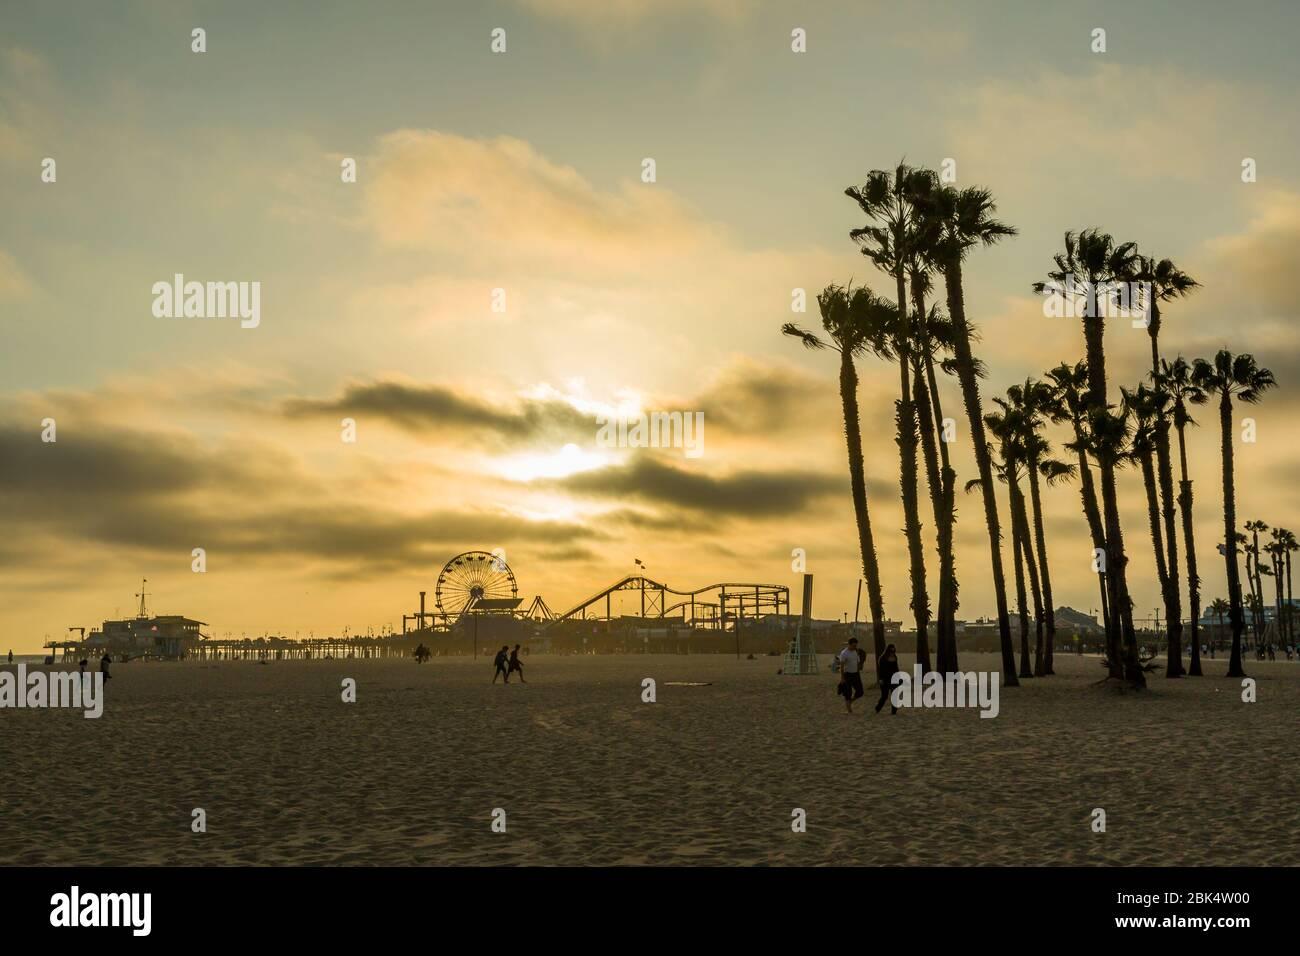 Vue sur la jetée de Santa Monica au coucher du soleil, Santa Monica, Los Angeles, Californie, États-Unis d'Amérique, Amérique du Nord Banque D'Images